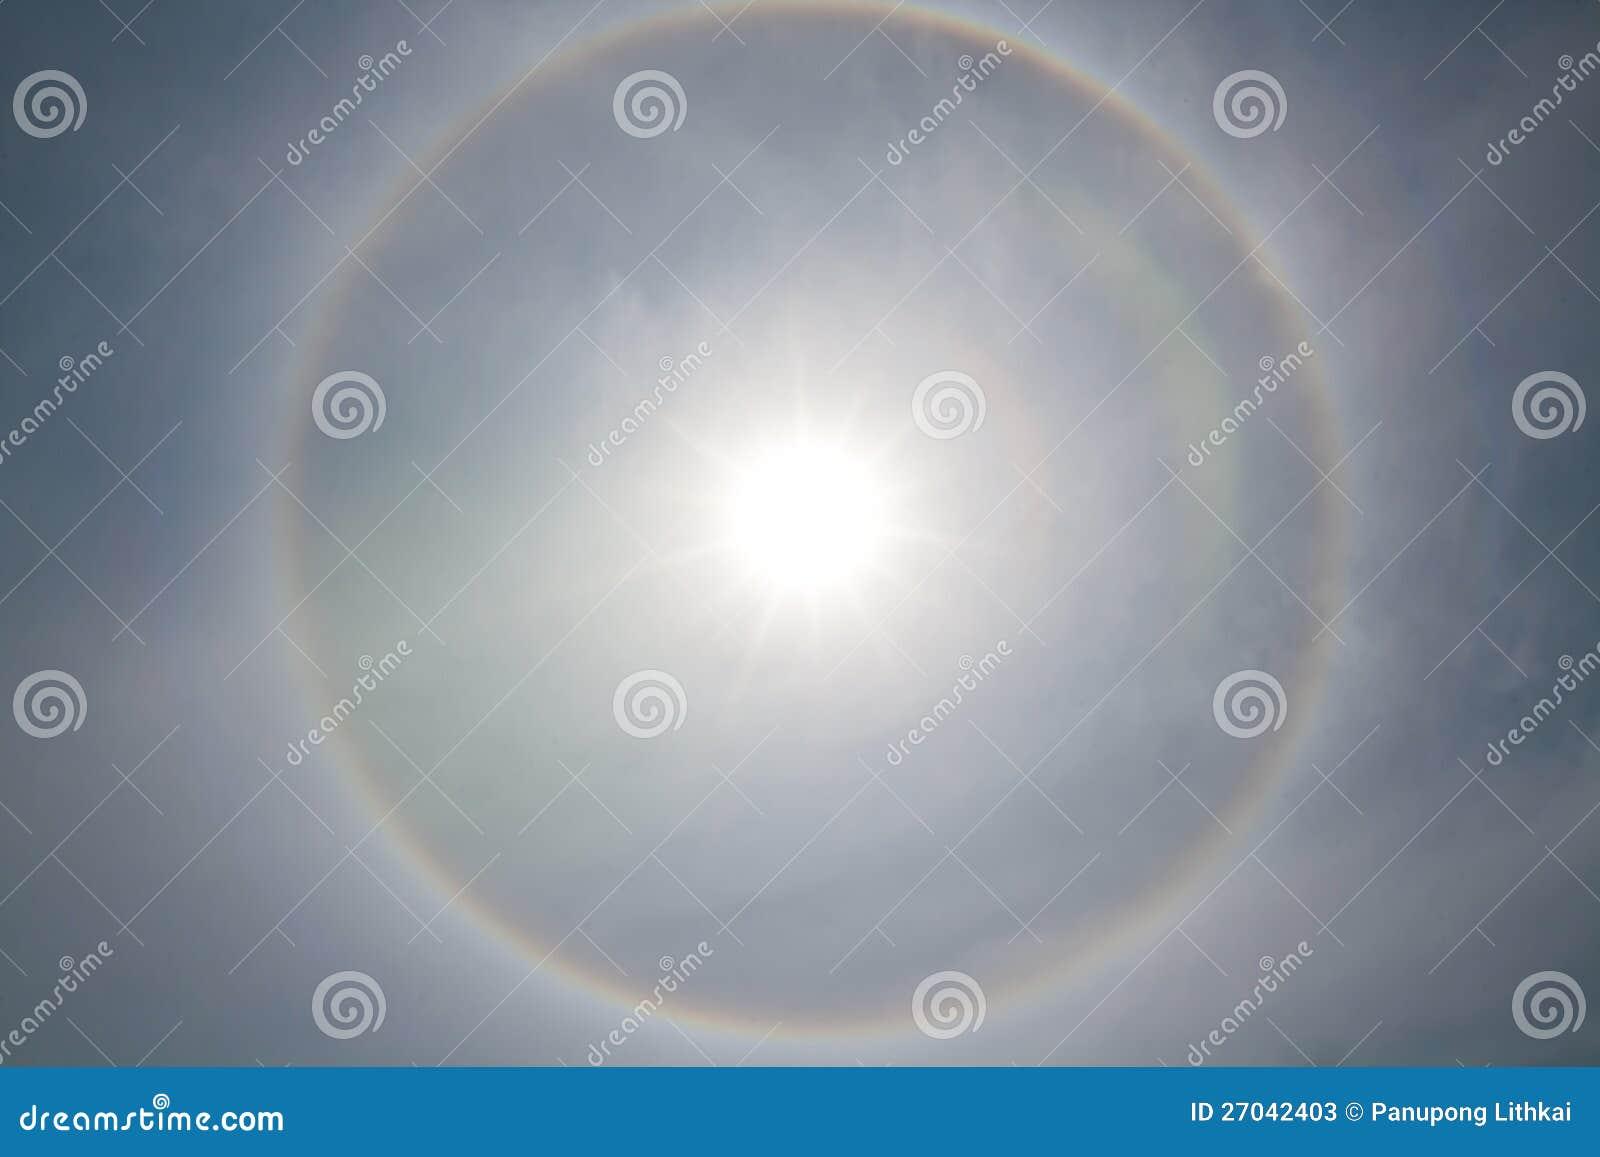 Corona del fondo anillo alrededor del sol fotos de for Fondo del sol